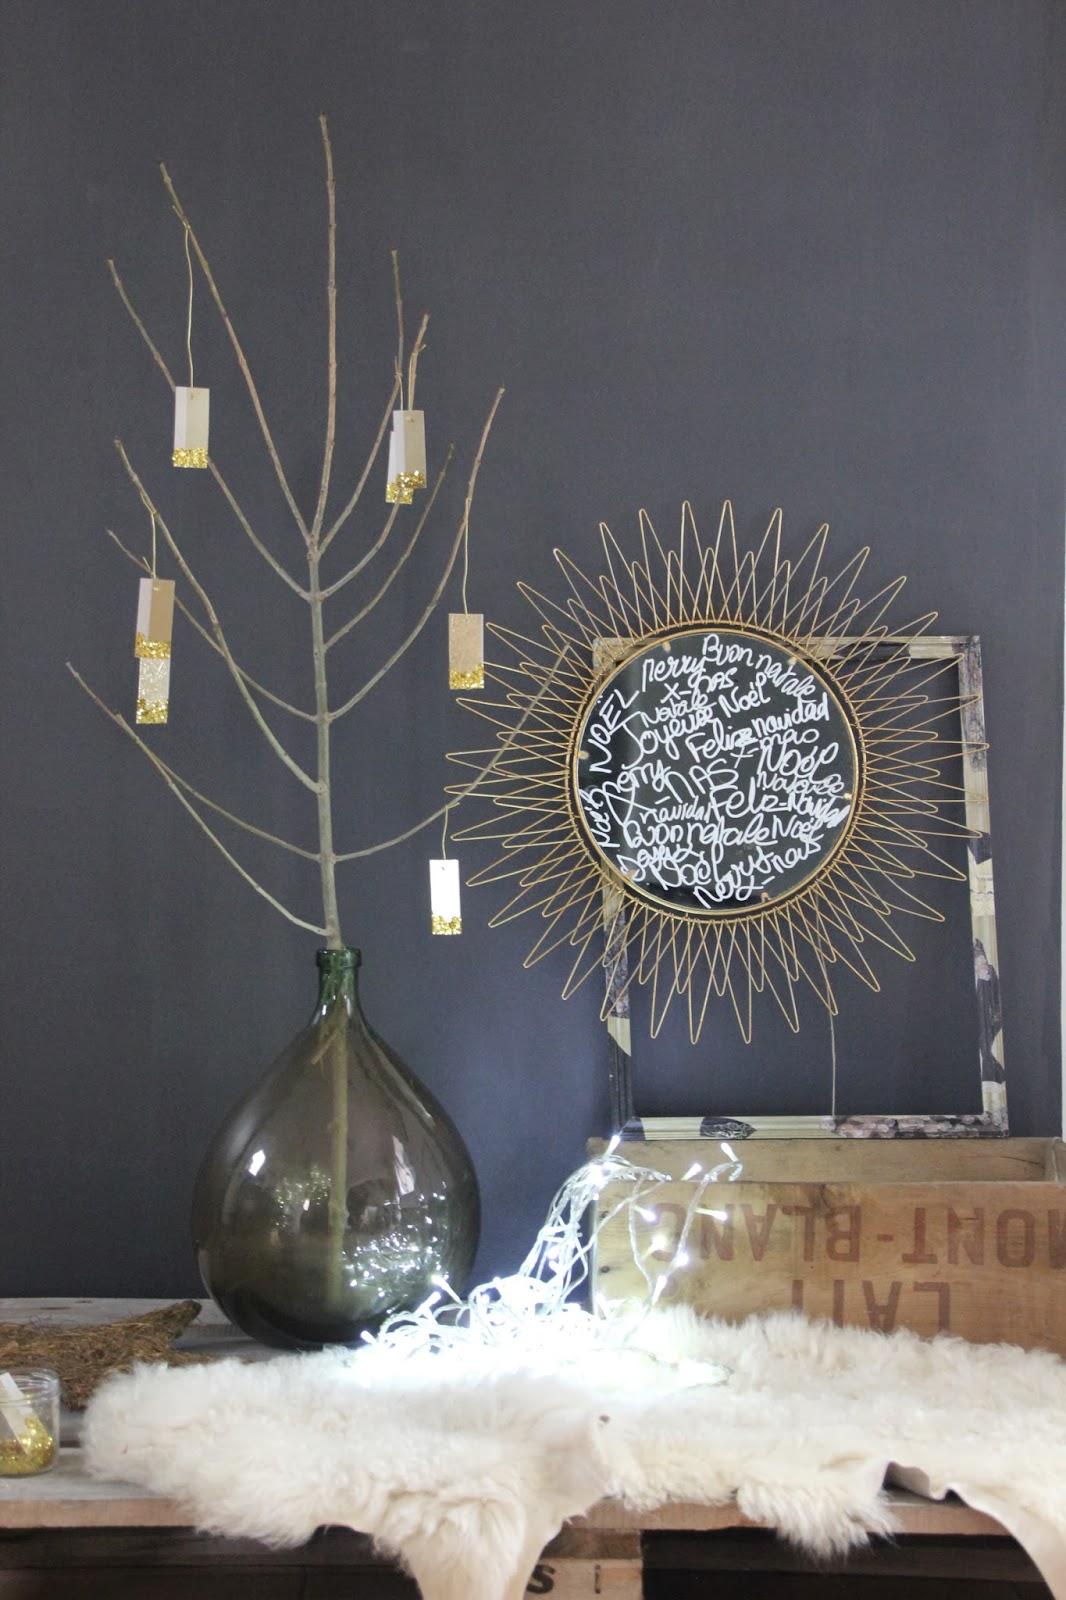 #7C6E4F Regardsetmaisons: Ma Déco De Noël Fait Maison  6421 décoration noel fait maison recup 1066x1600 px @ aertt.com